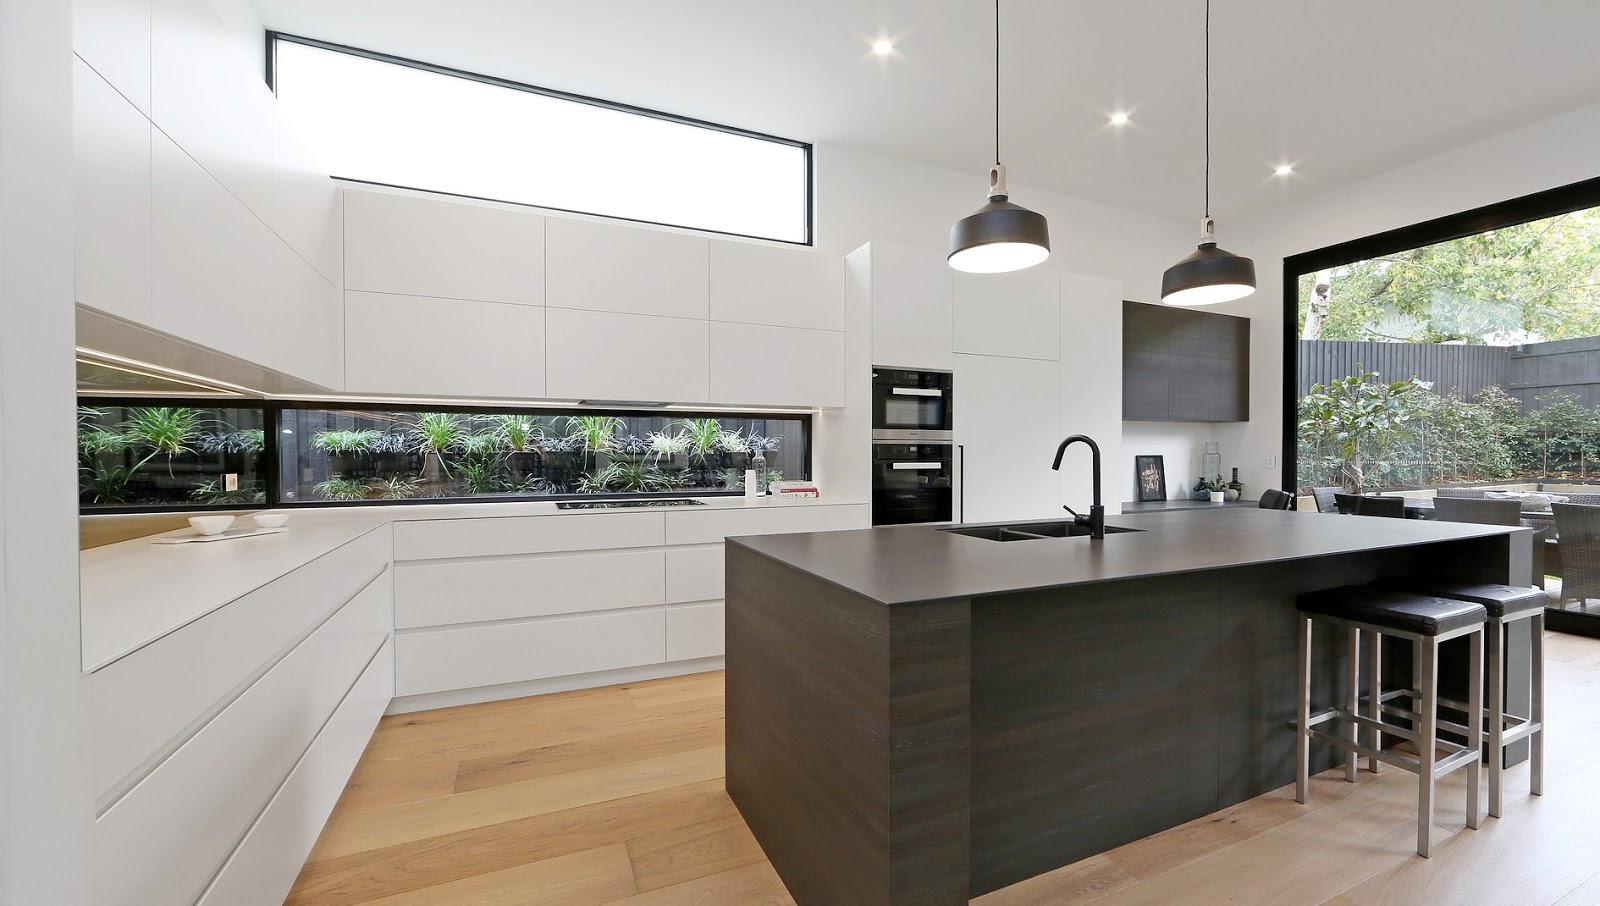 Illuminazione Piano Lavoro Cucina come illuminare una cucina - blog | fratelli bergo